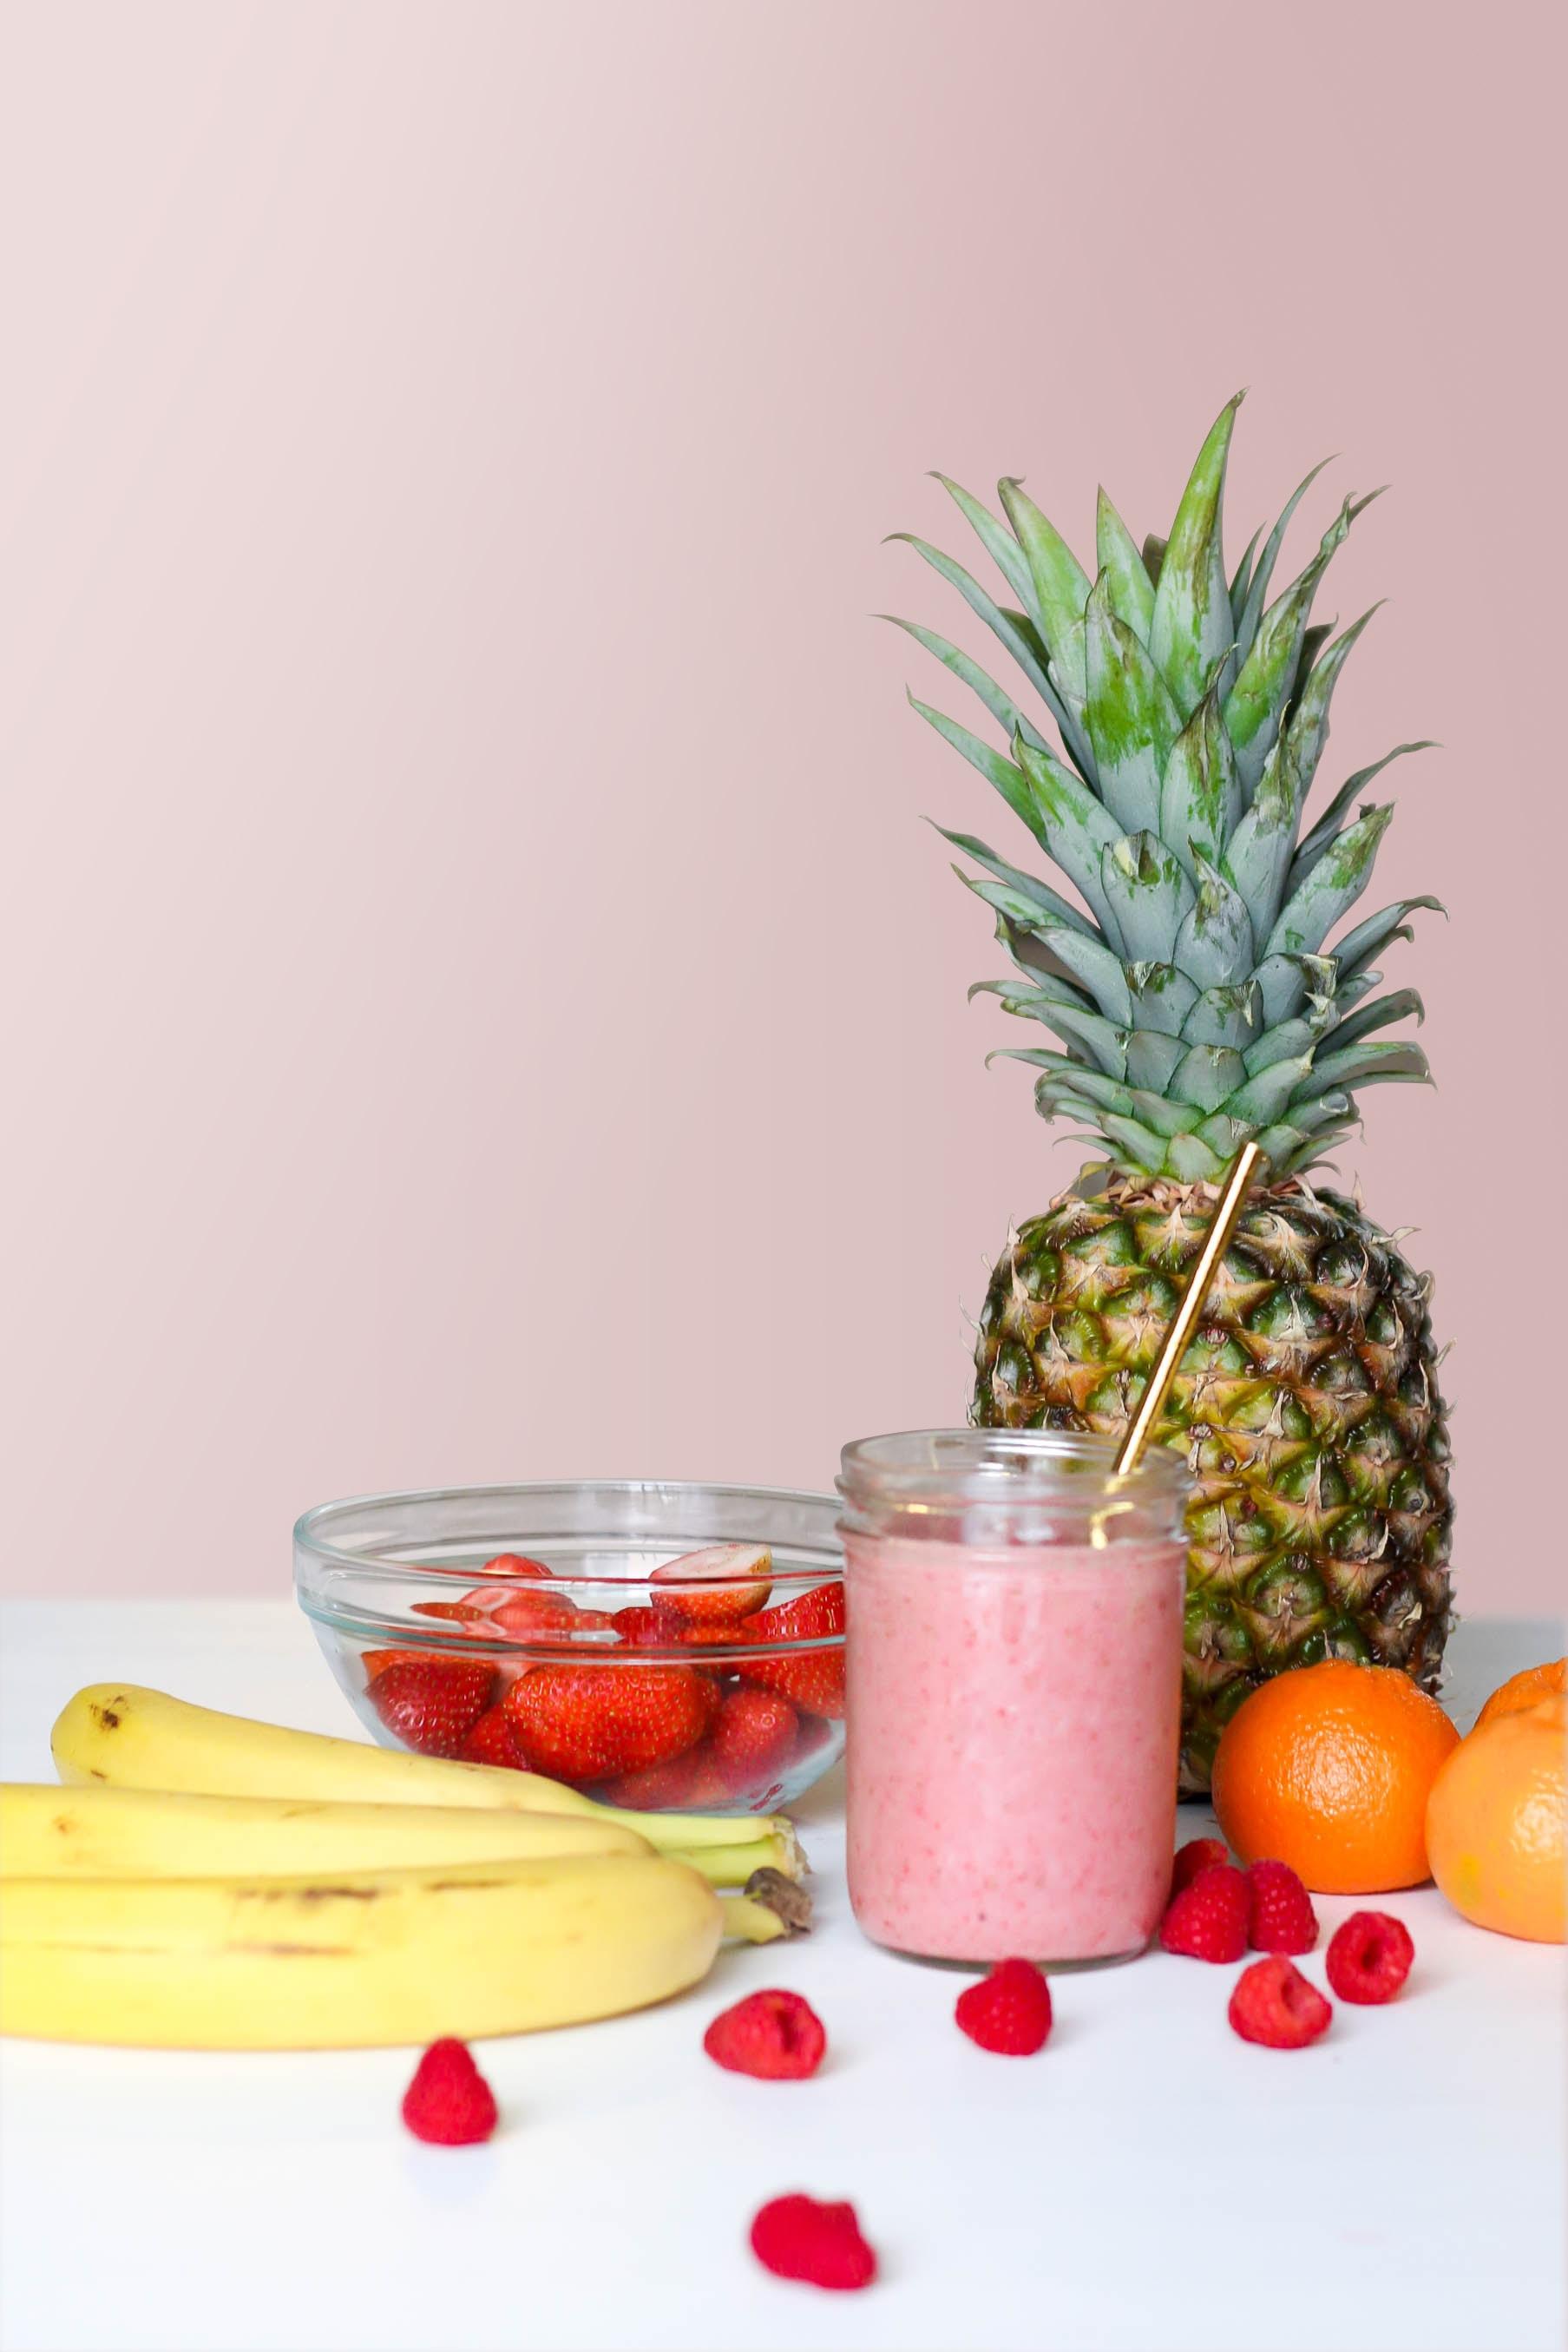 manfaat makanan sehat untuk menurunkan berat badan